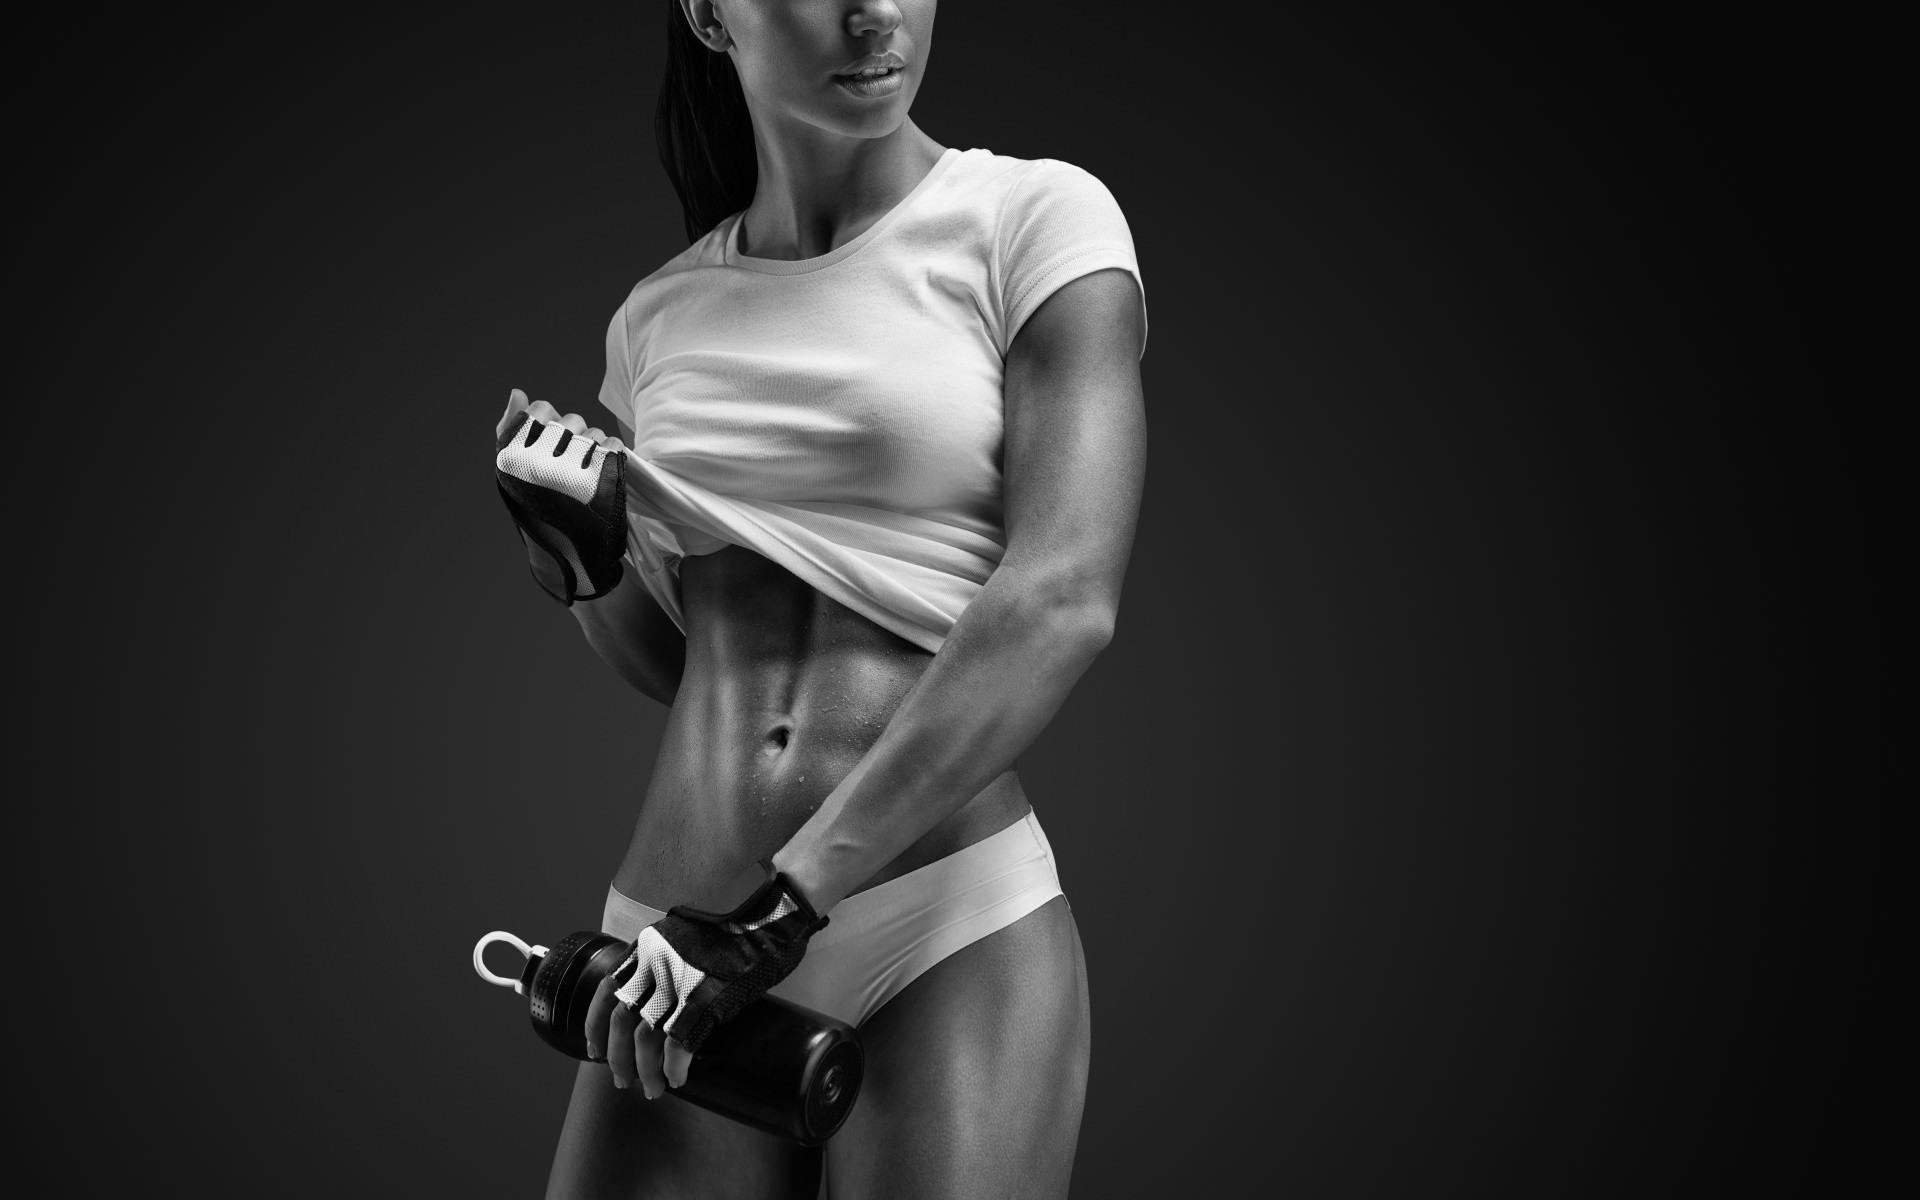 Фото Спортивная девушка в перчатках после тренировки с бутылкой энергетика стягивает белую футболку, пресс, скачать картинку бесплатно